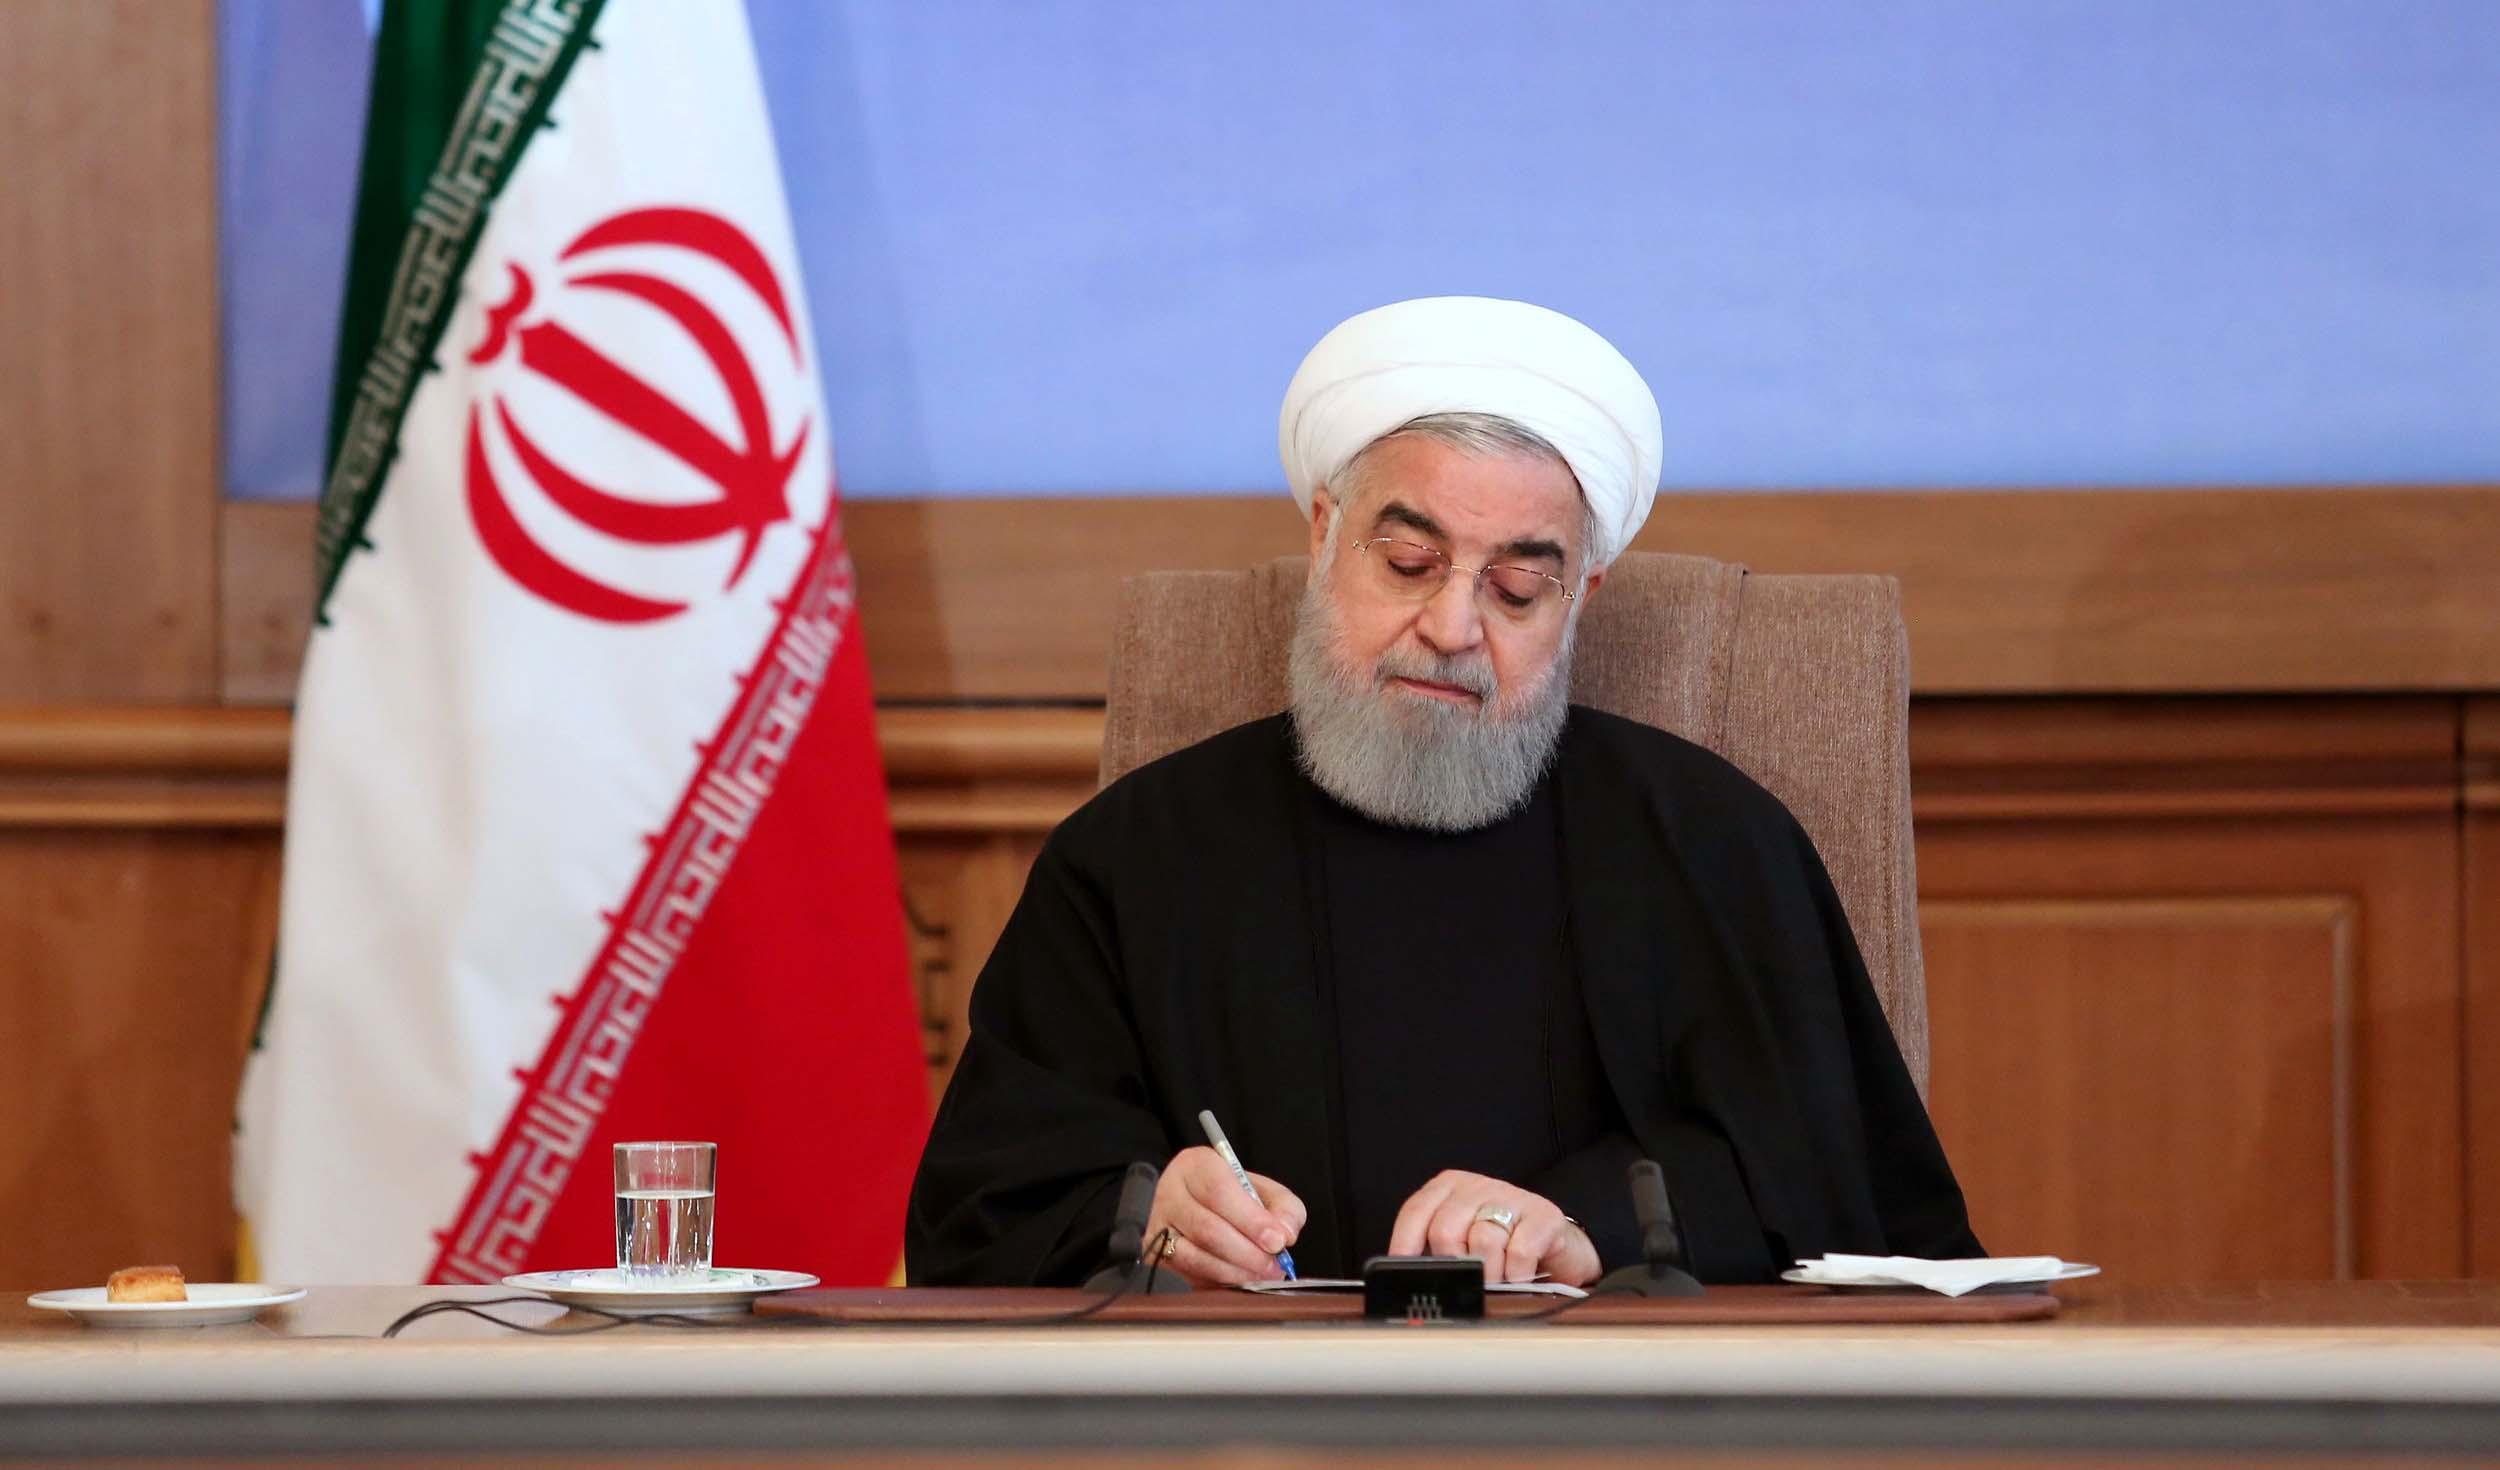 غلامرضا شریعتی به عنوان «رئیس سازمان ملی استاندارد ایران» منصوب شد